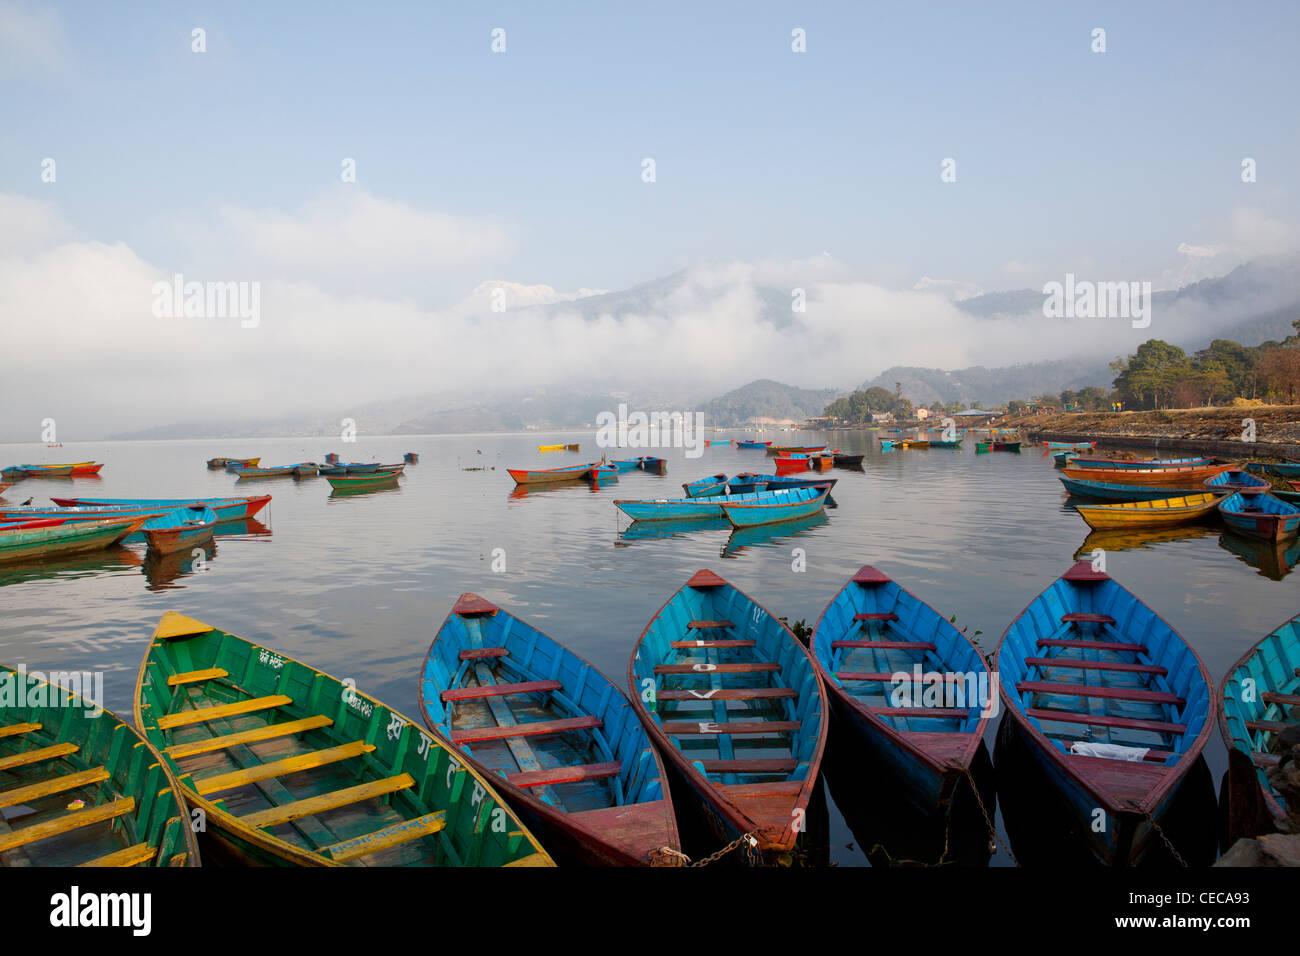 Colourful boats Phewa Lake Pokhara Himalaya overview Nepal Asia - Stock Image